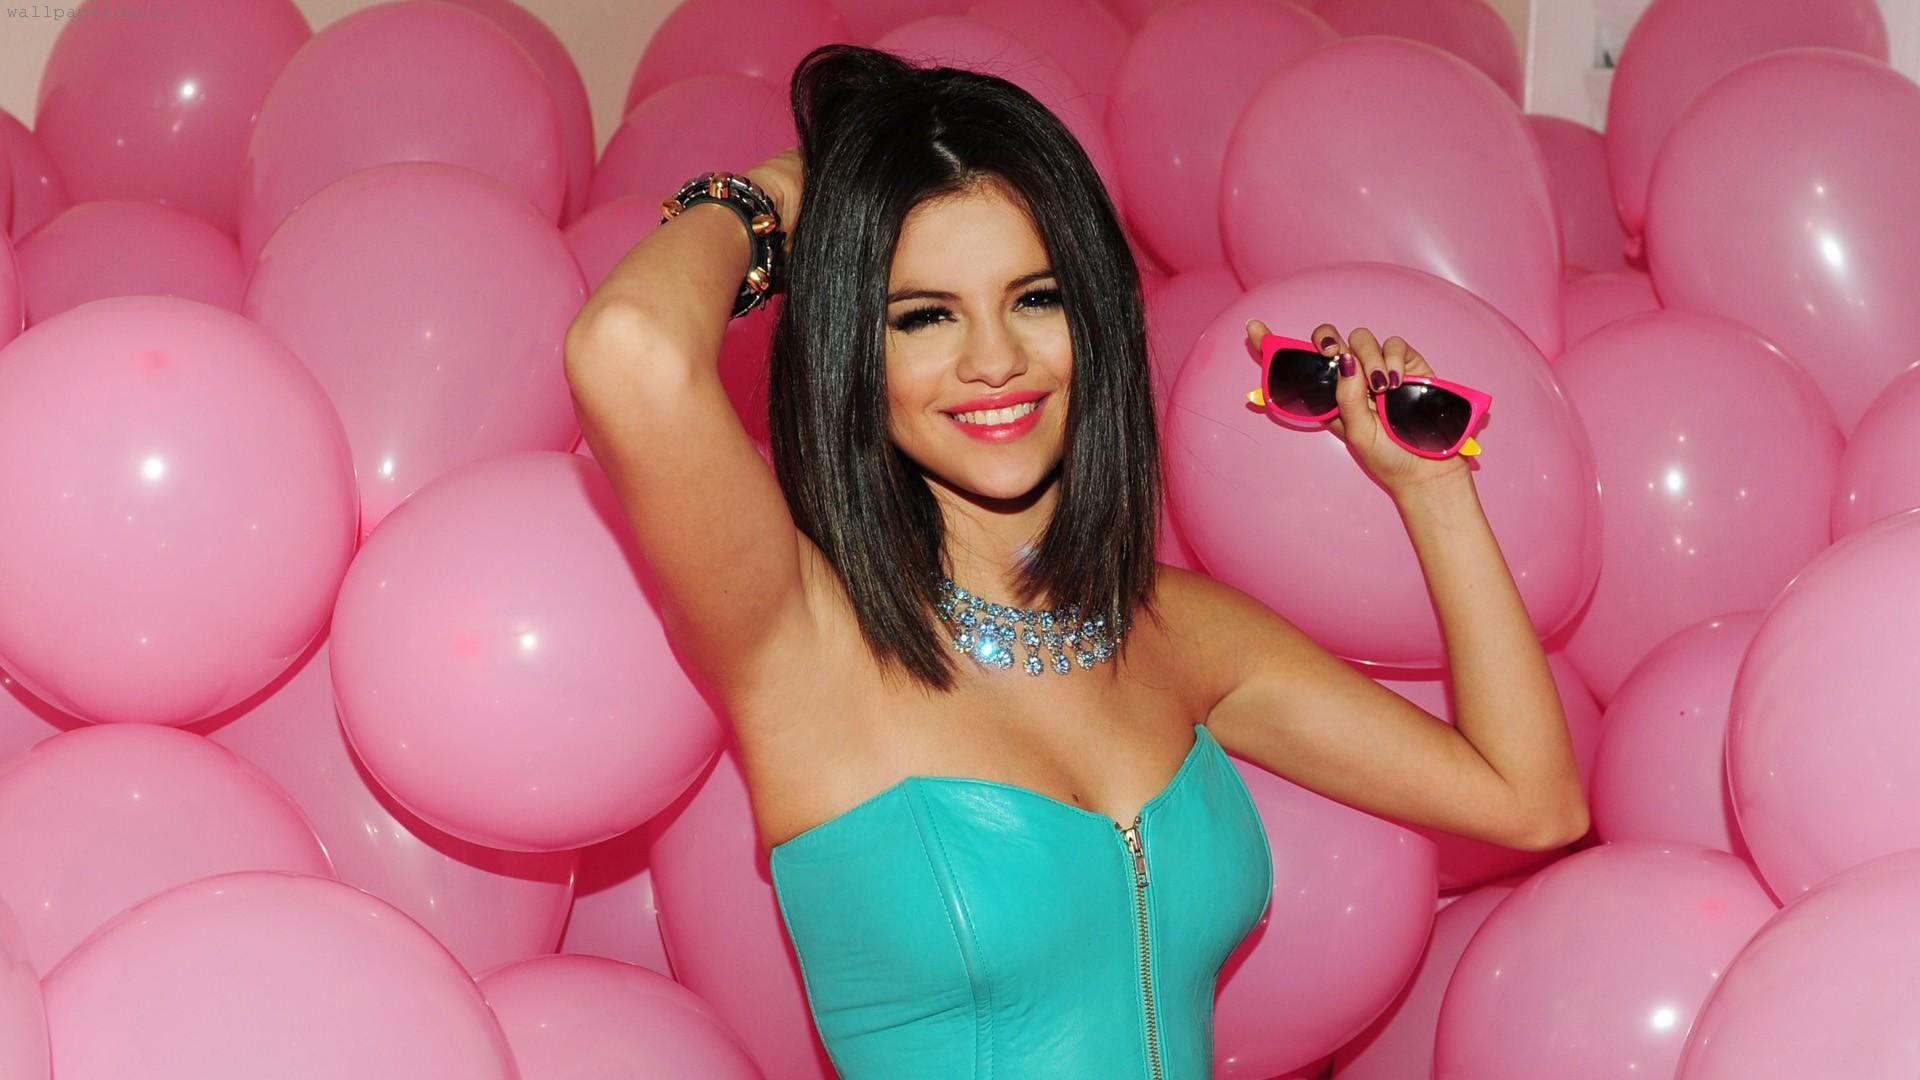 Selena Gomez   Selena Gomez Wallpaper 28154421 1920x1080